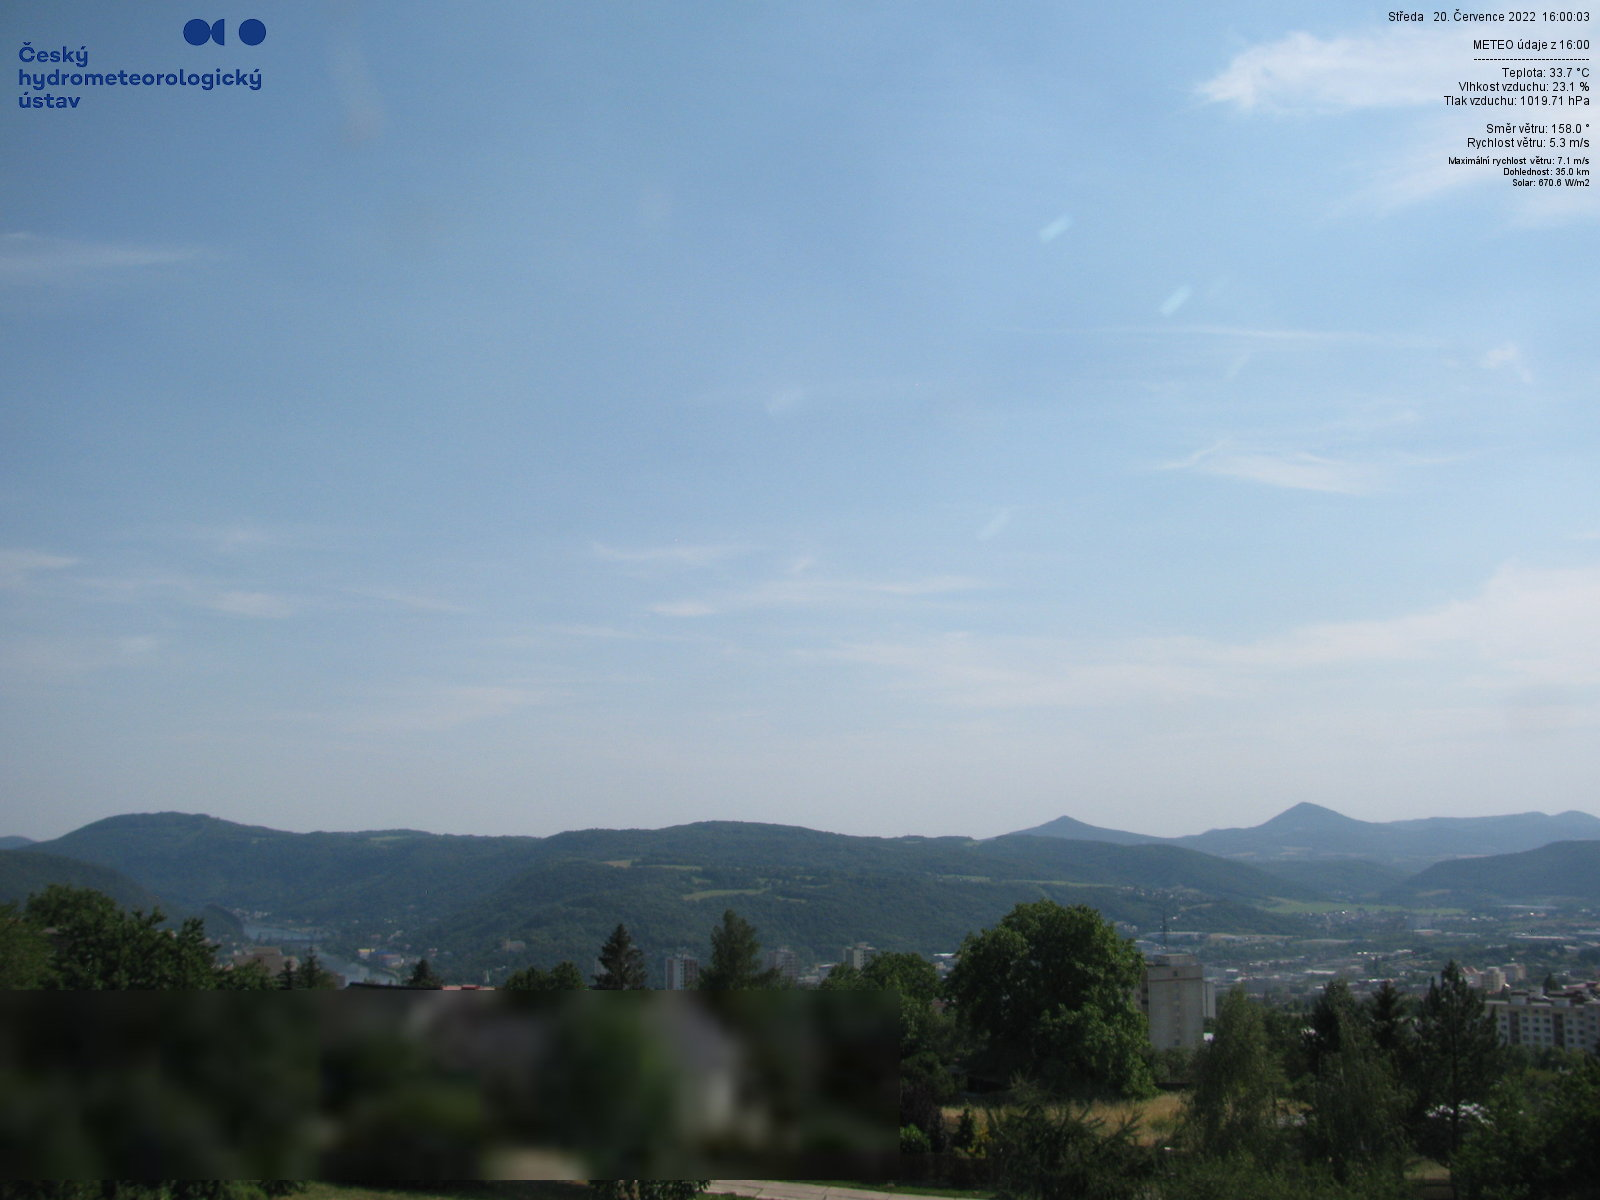 Aktuální výhled z ČHMÚ Kočkov jižním směrem